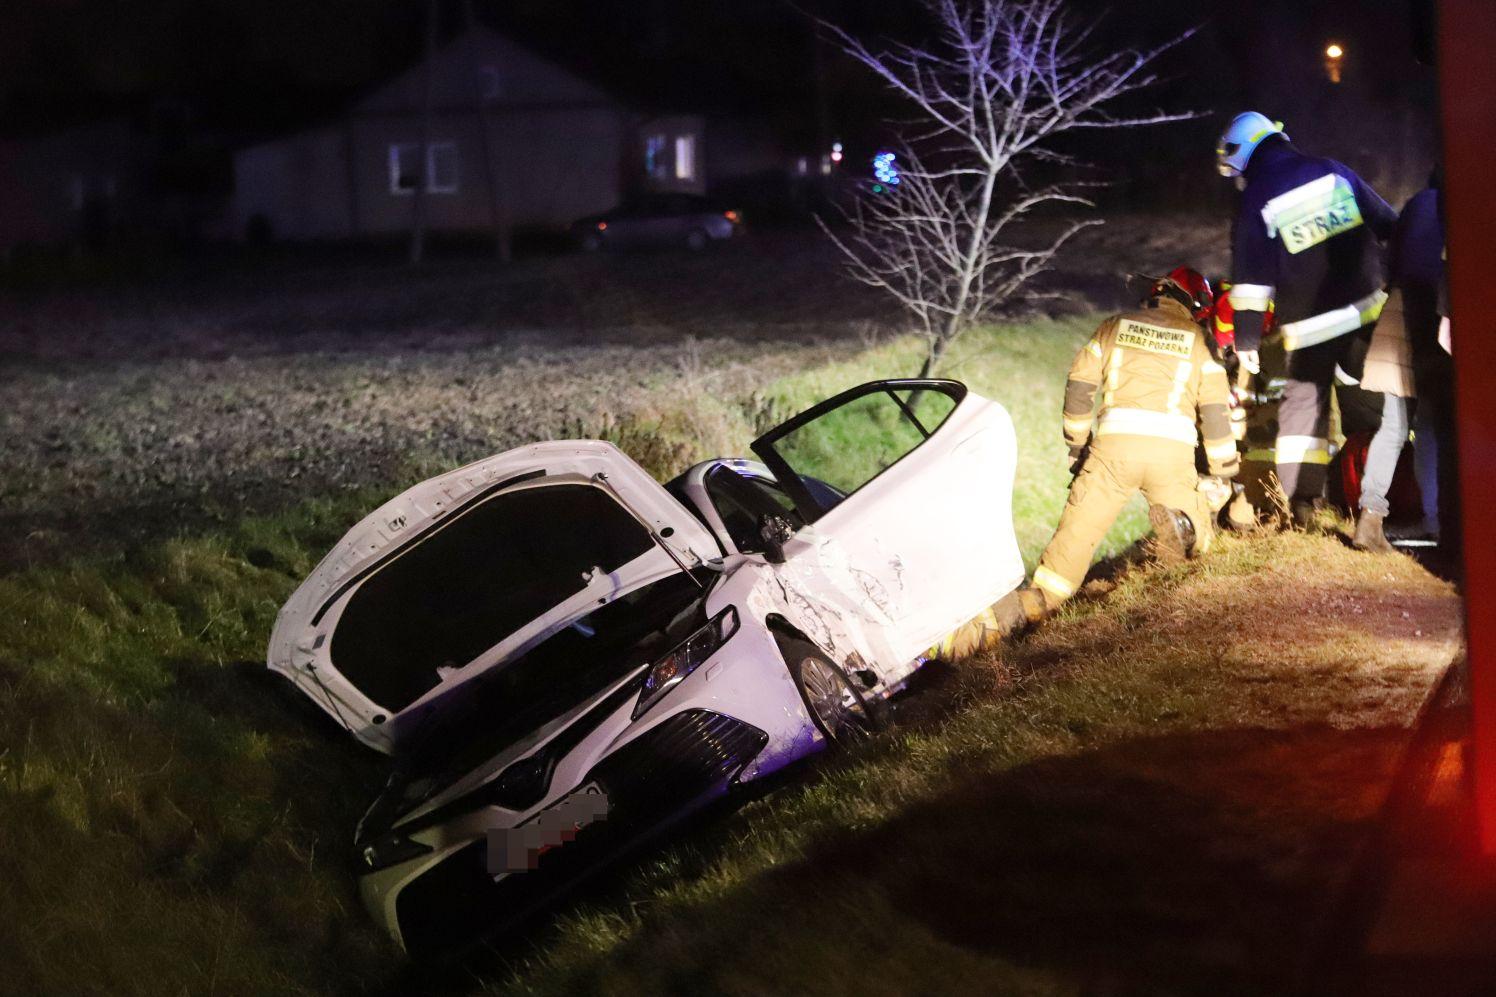 [ZDJĘCIA] Wypadek pod Piątkiem. Dwa samochody w rowie - Zdjęcie główne